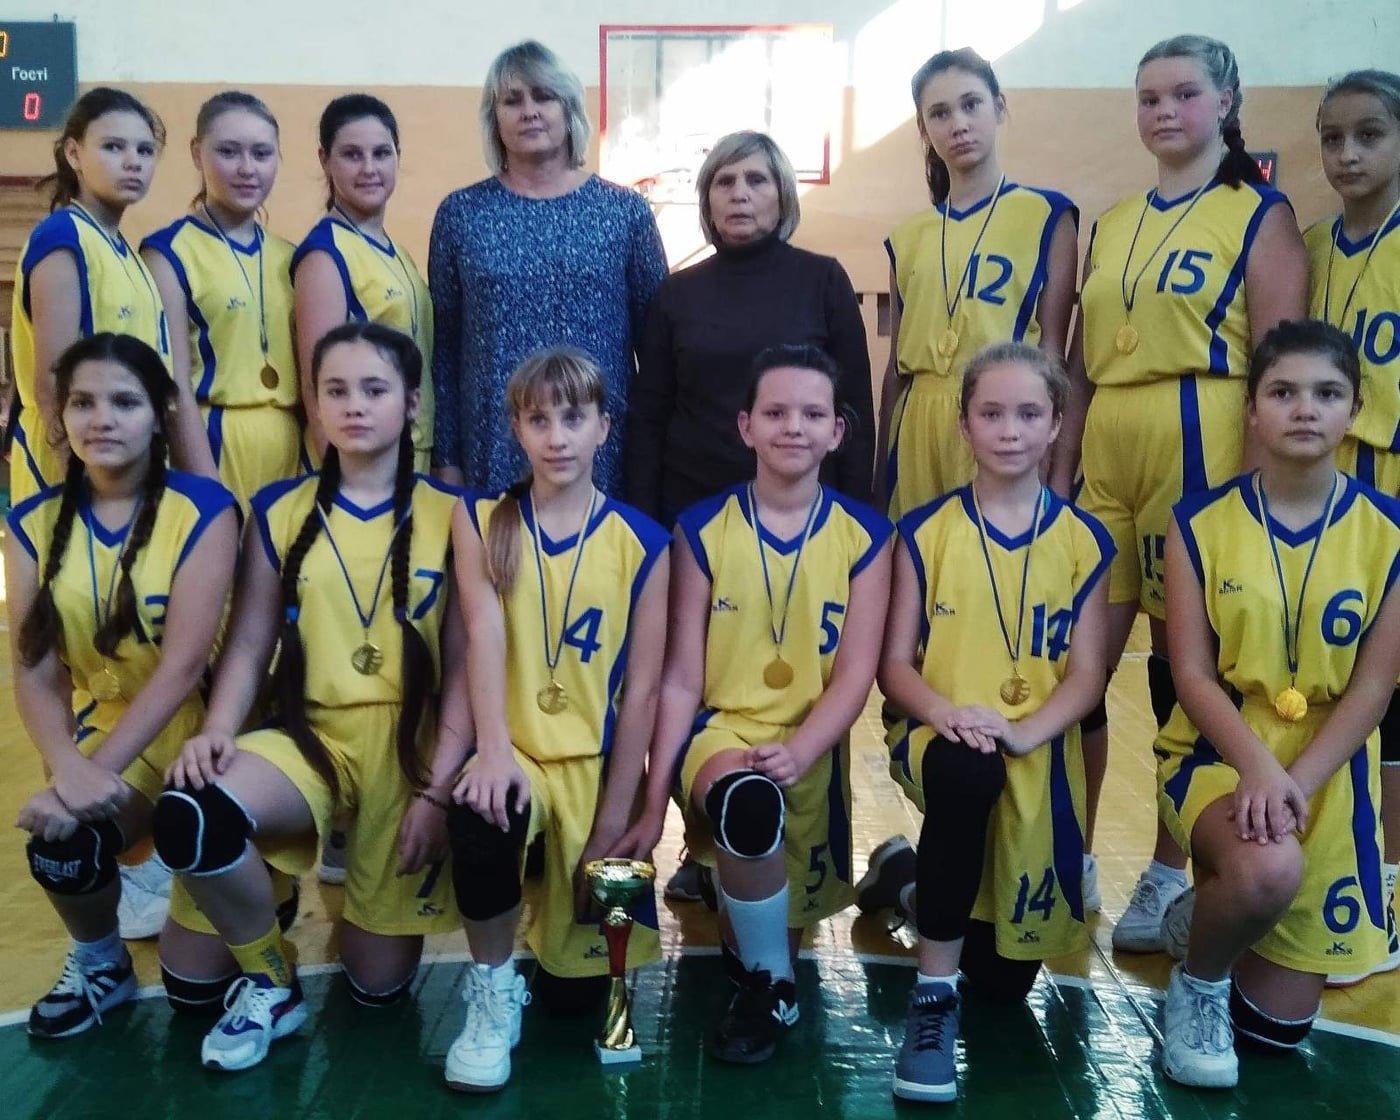 У девушек - золото, у парней - бронза: Баскетбольные команды из Дружковки взяли награды областного чемпионата, фото-1